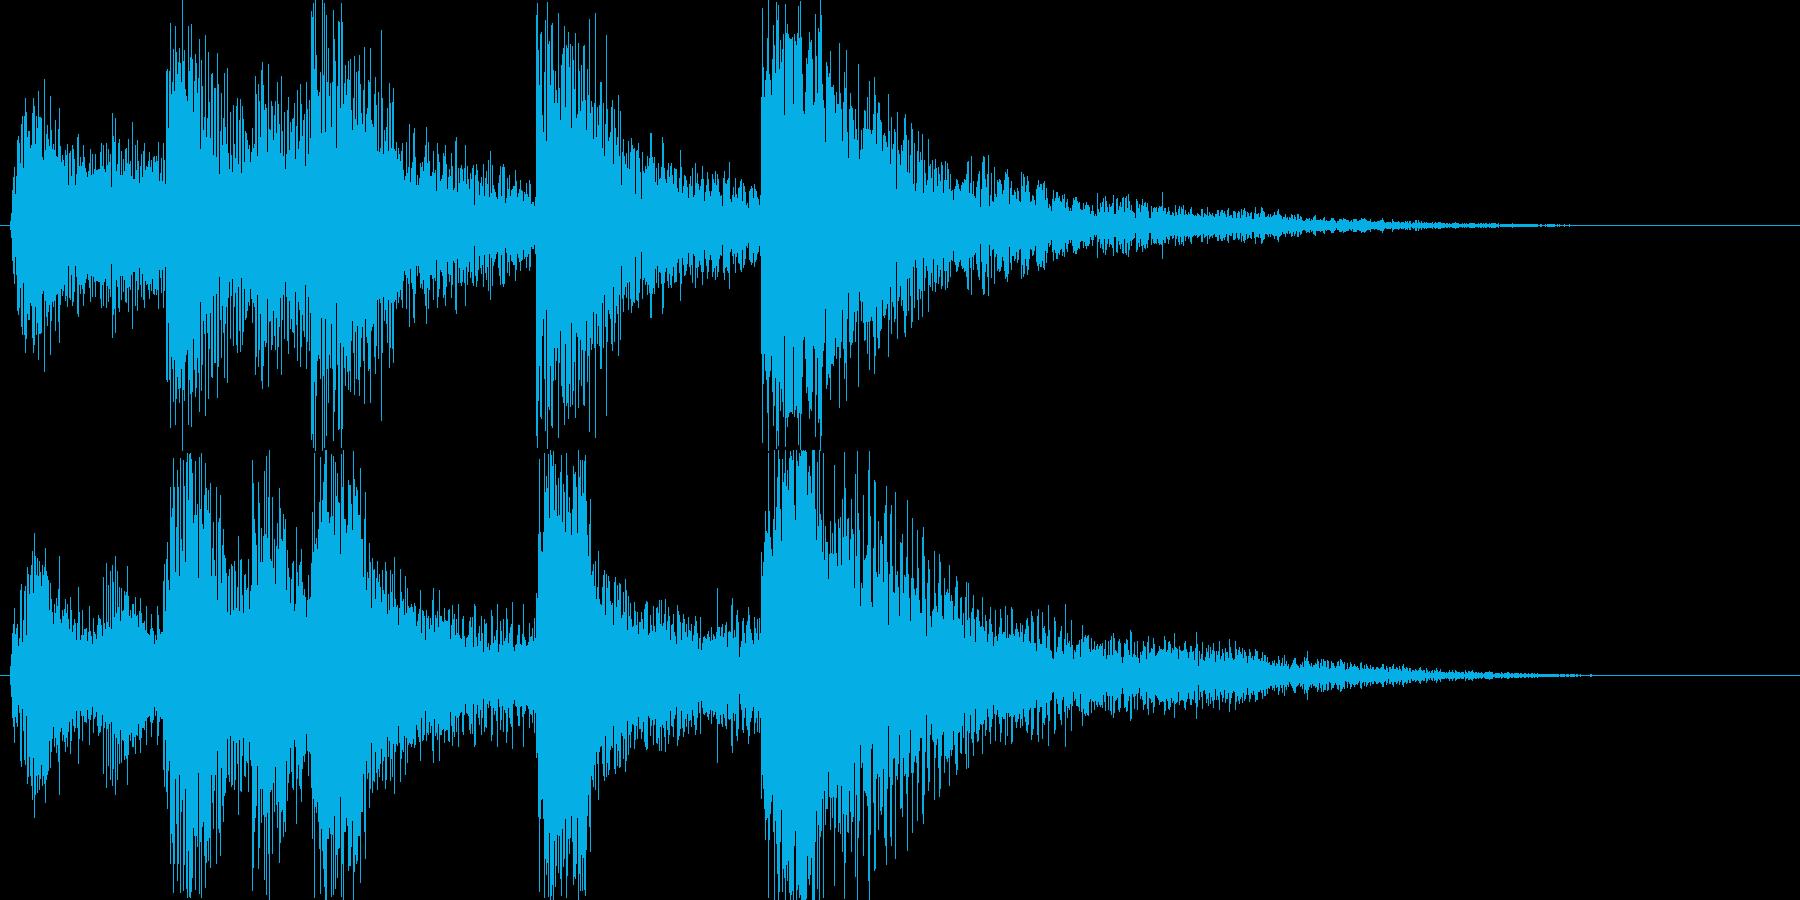 鎧騎士オーケストラ城ジングルアイキャッチの再生済みの波形